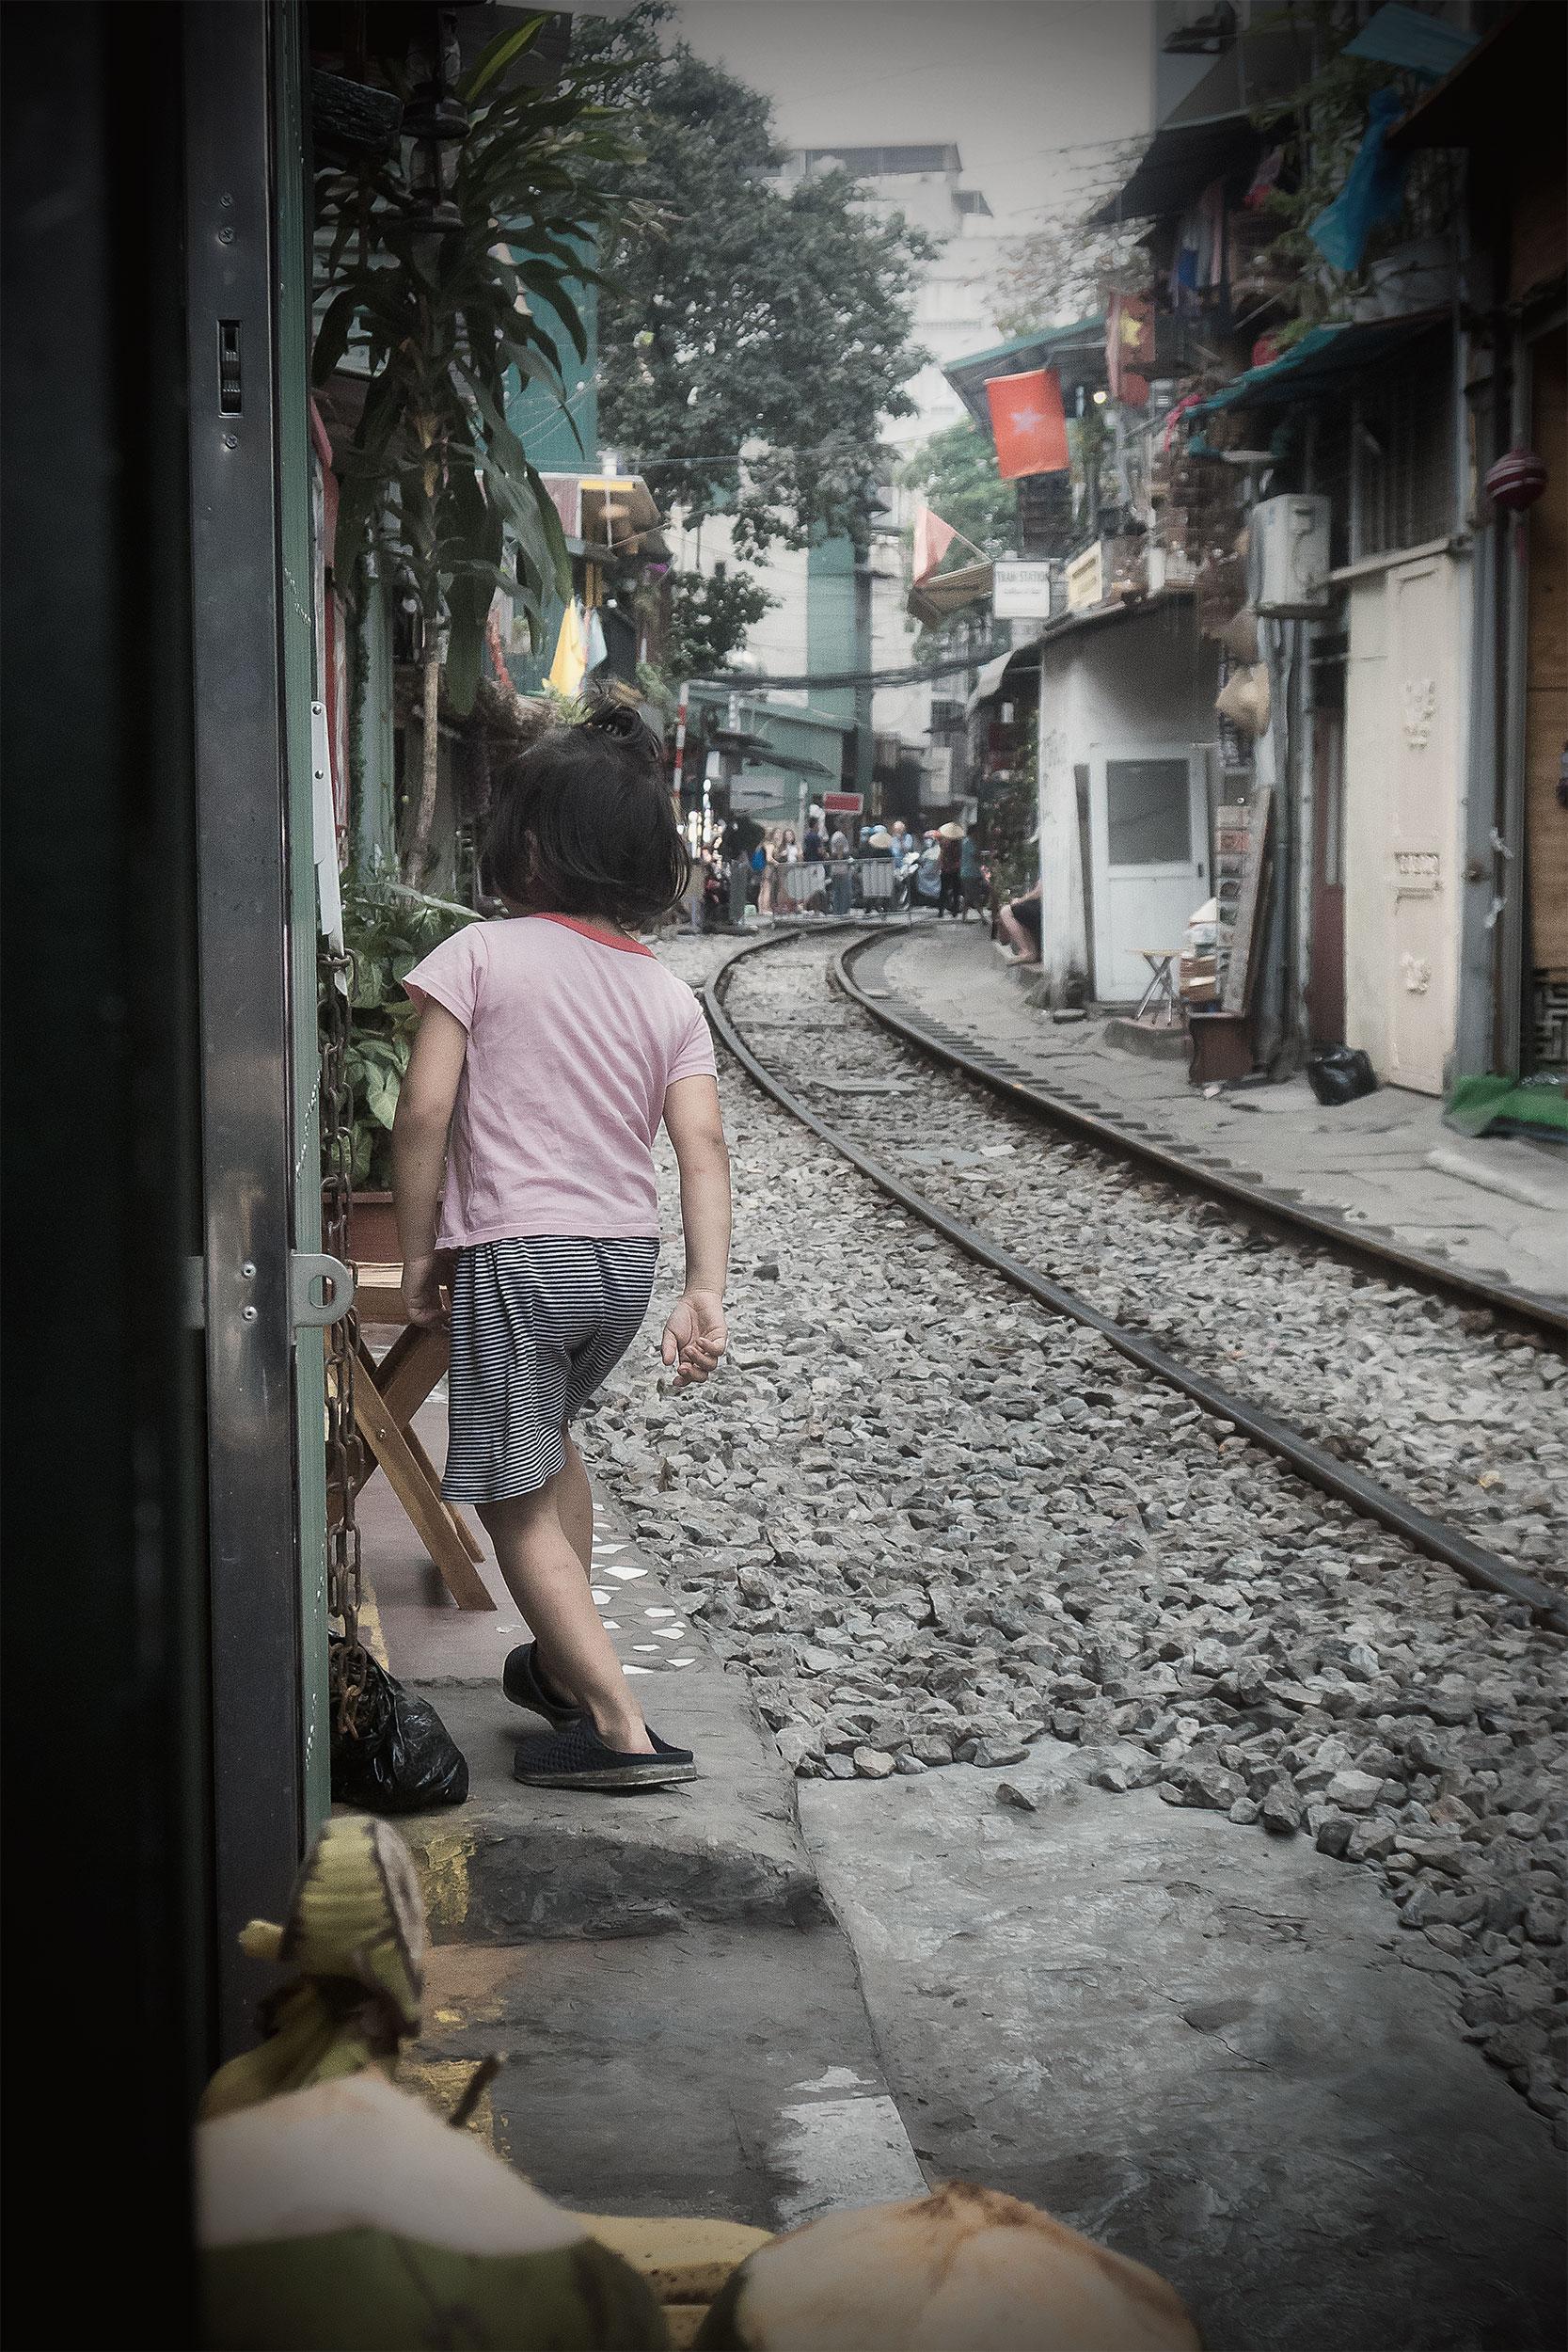 Hanoi-järnväg-barn-blek